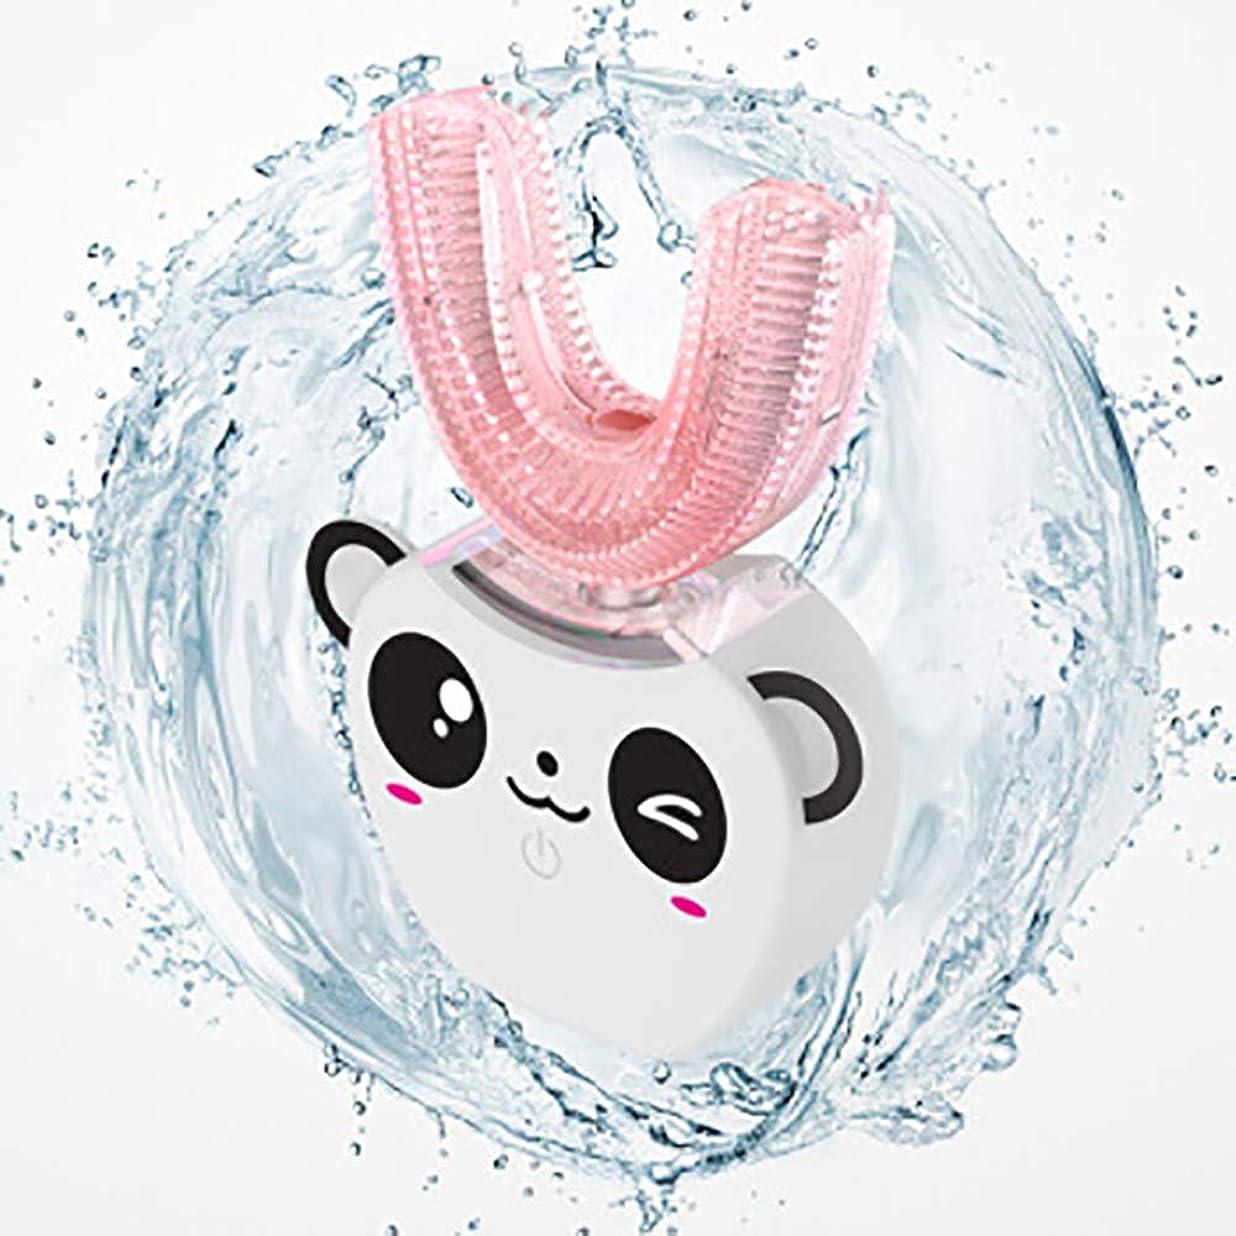 スナッチ正しい先祖360度自動インテリジェントパッケージレイジー歯ブラシ電気急速洗浄ソニックホワイトニング充電式歯ブラシ,White,B